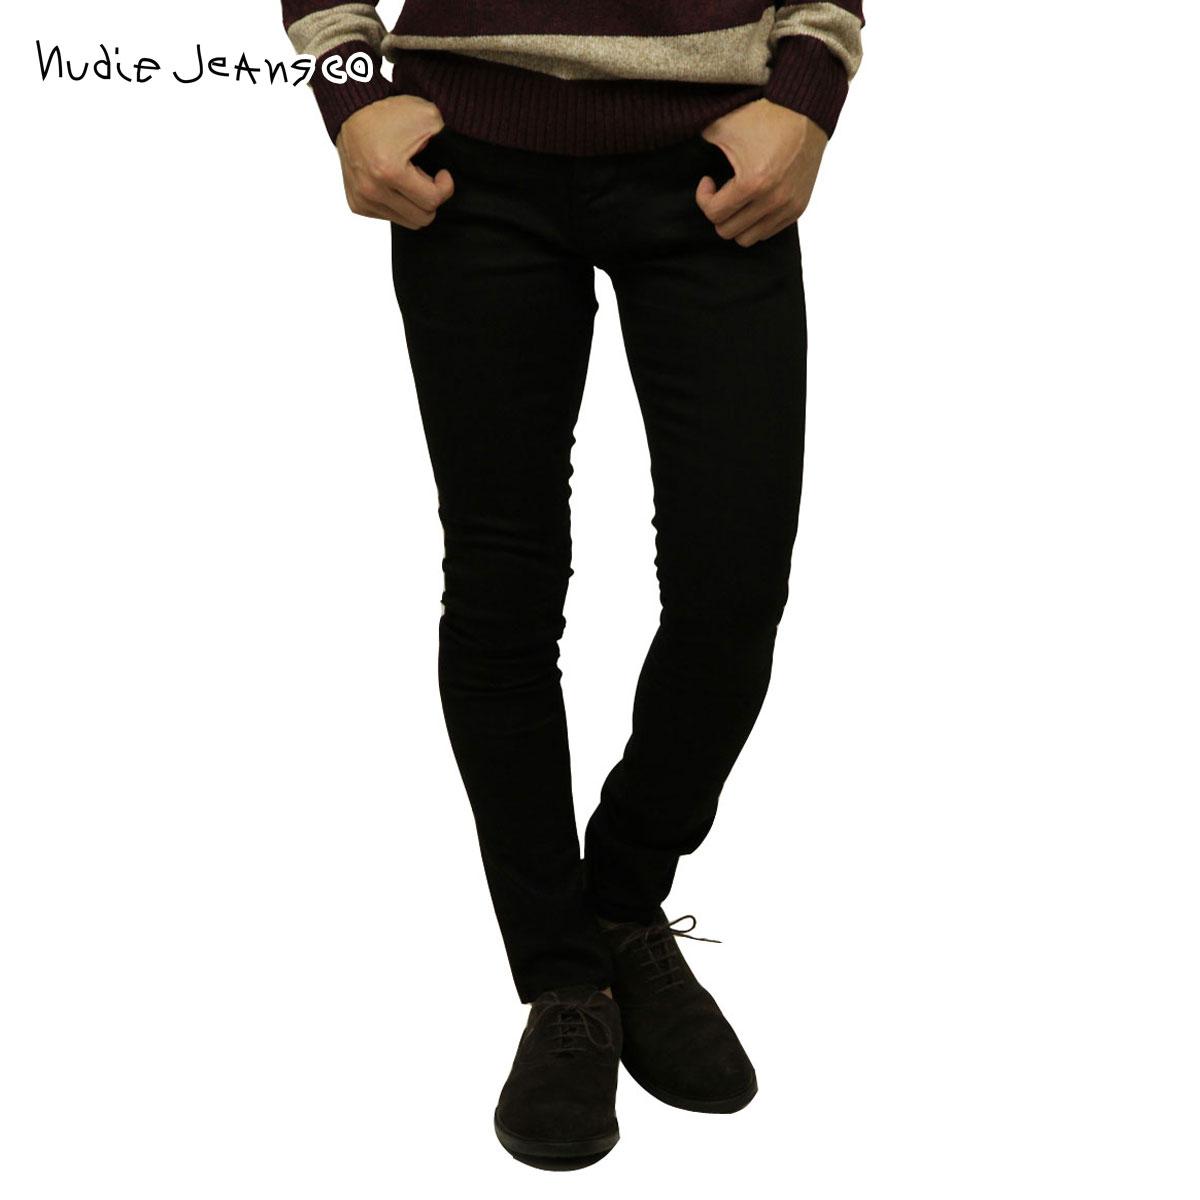 ヌーディージーンズ Nudie Jeans 正規販売店 メンズ ジーンズ タイトテリー TIGHT TERRY 787 1124510 787 DENIM JEANS DEEP BLACK